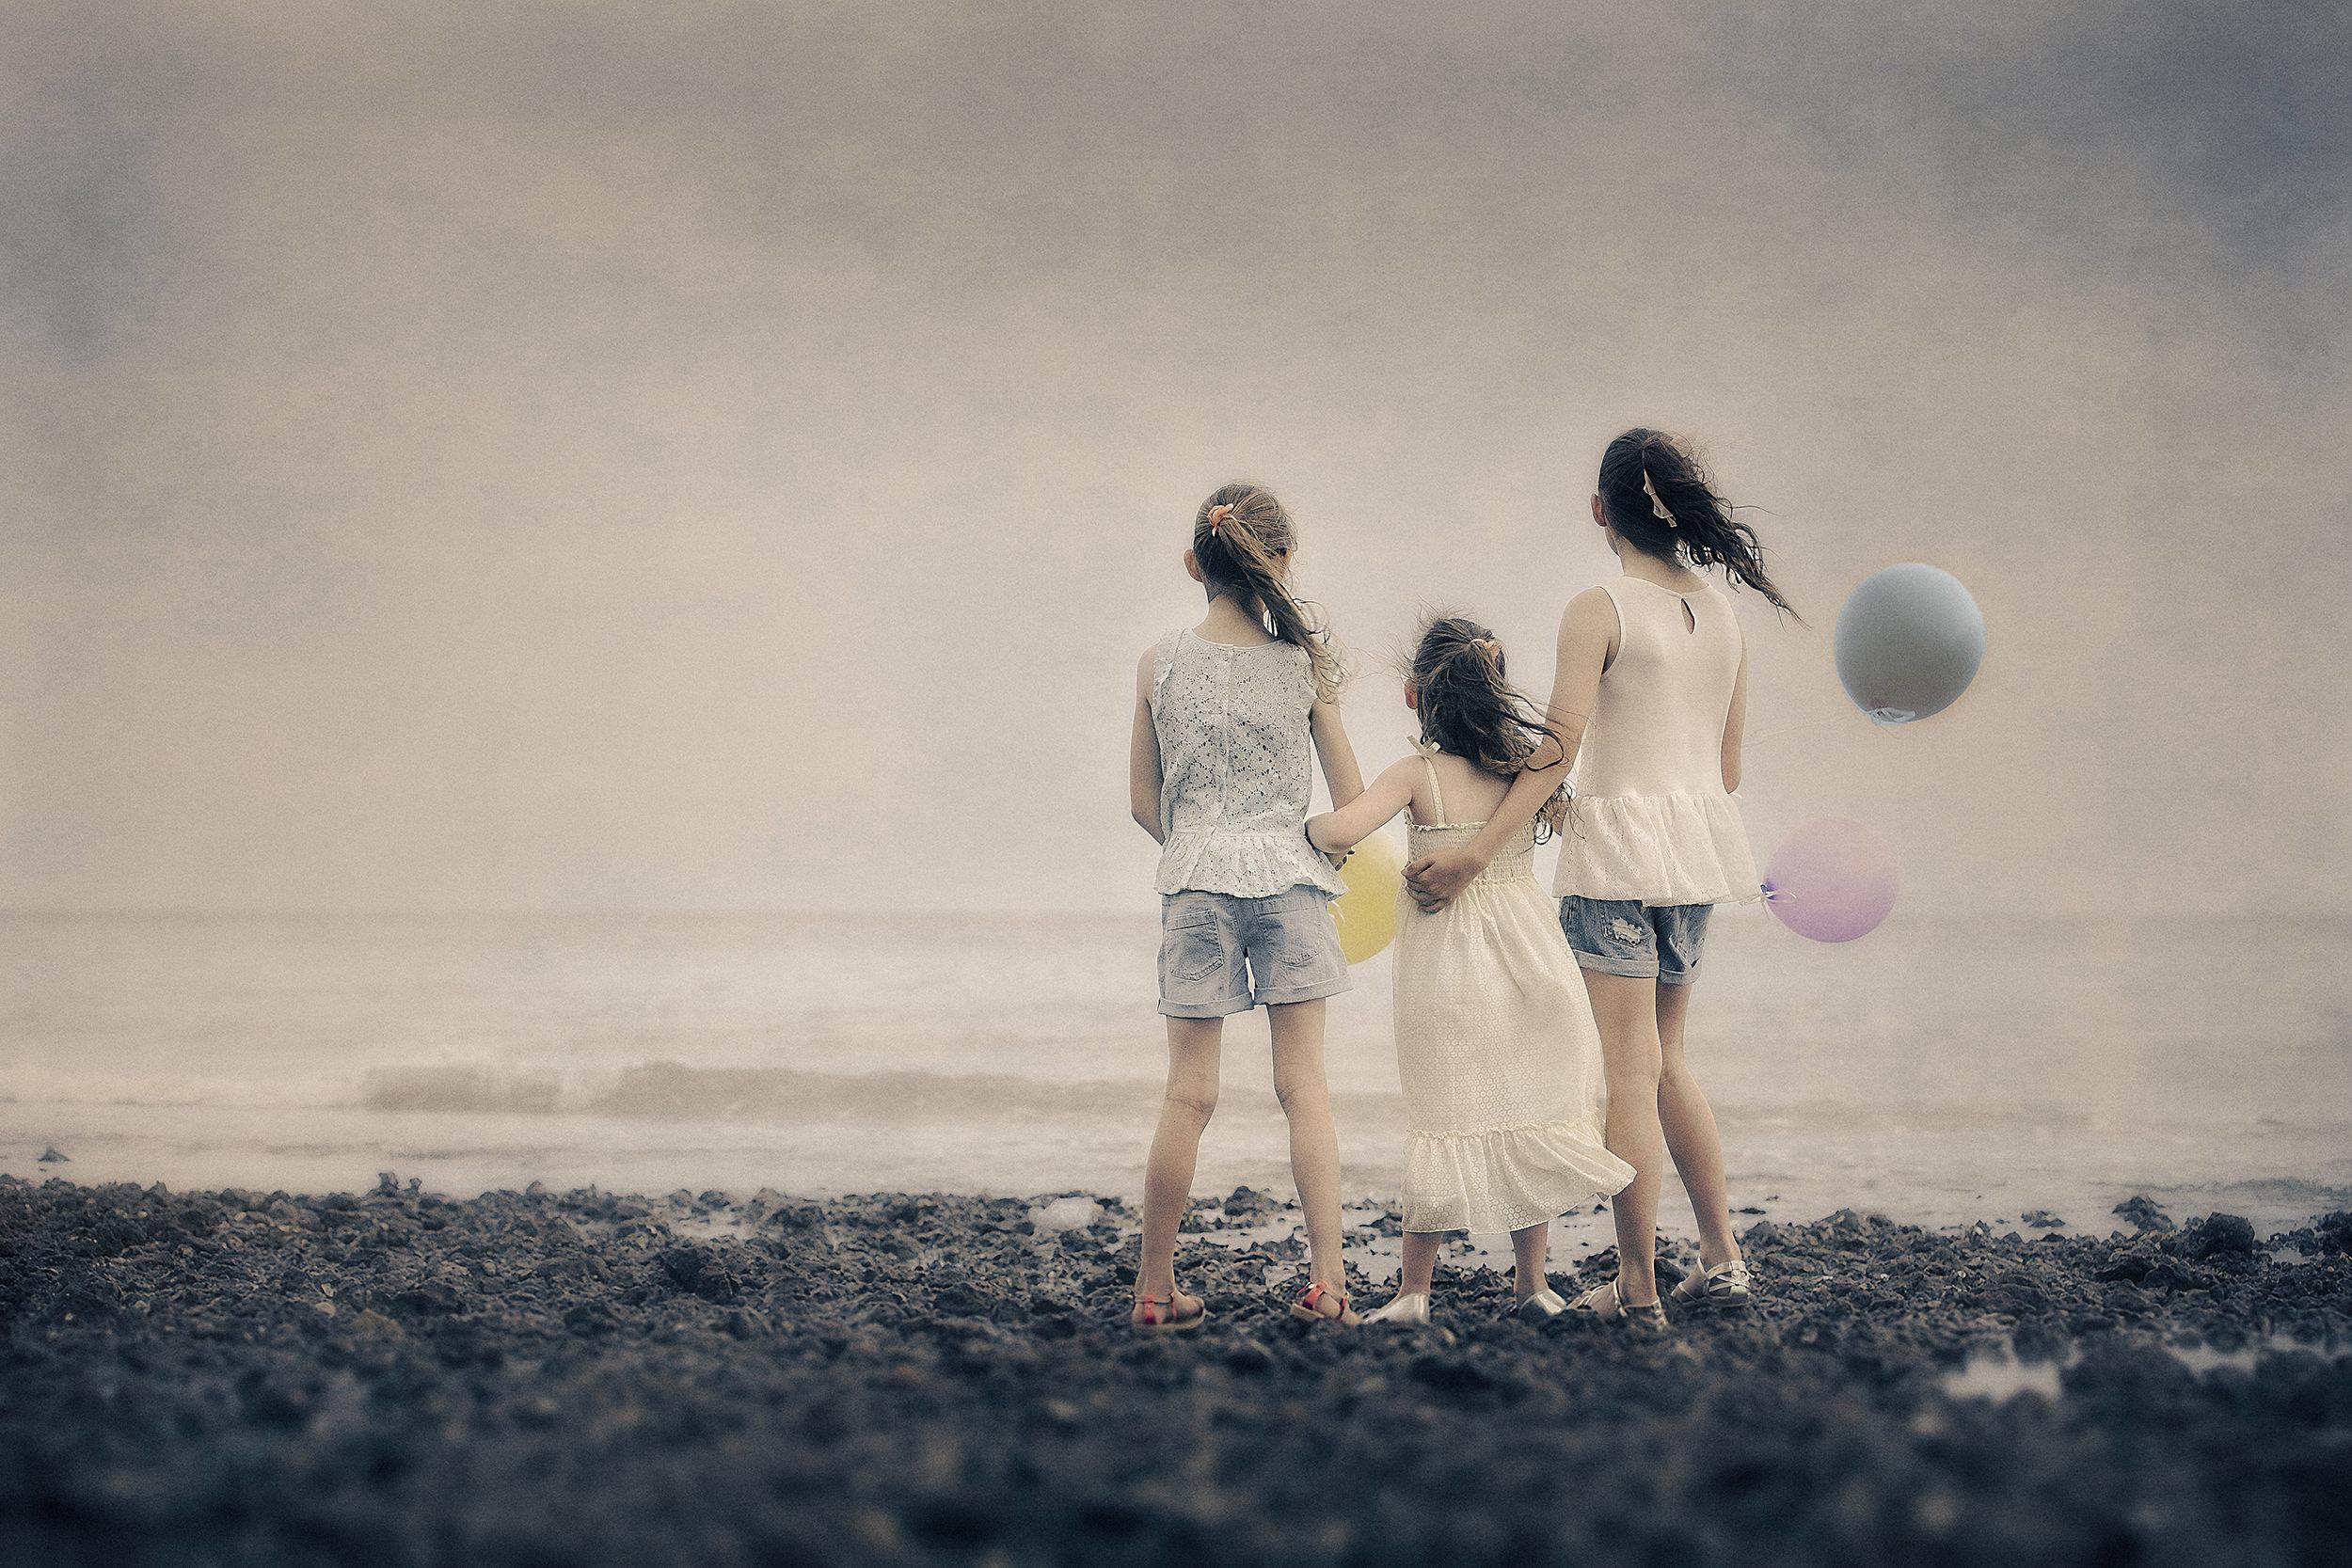 Gallery-sistersportraits-beach portraits-seaside.jpg